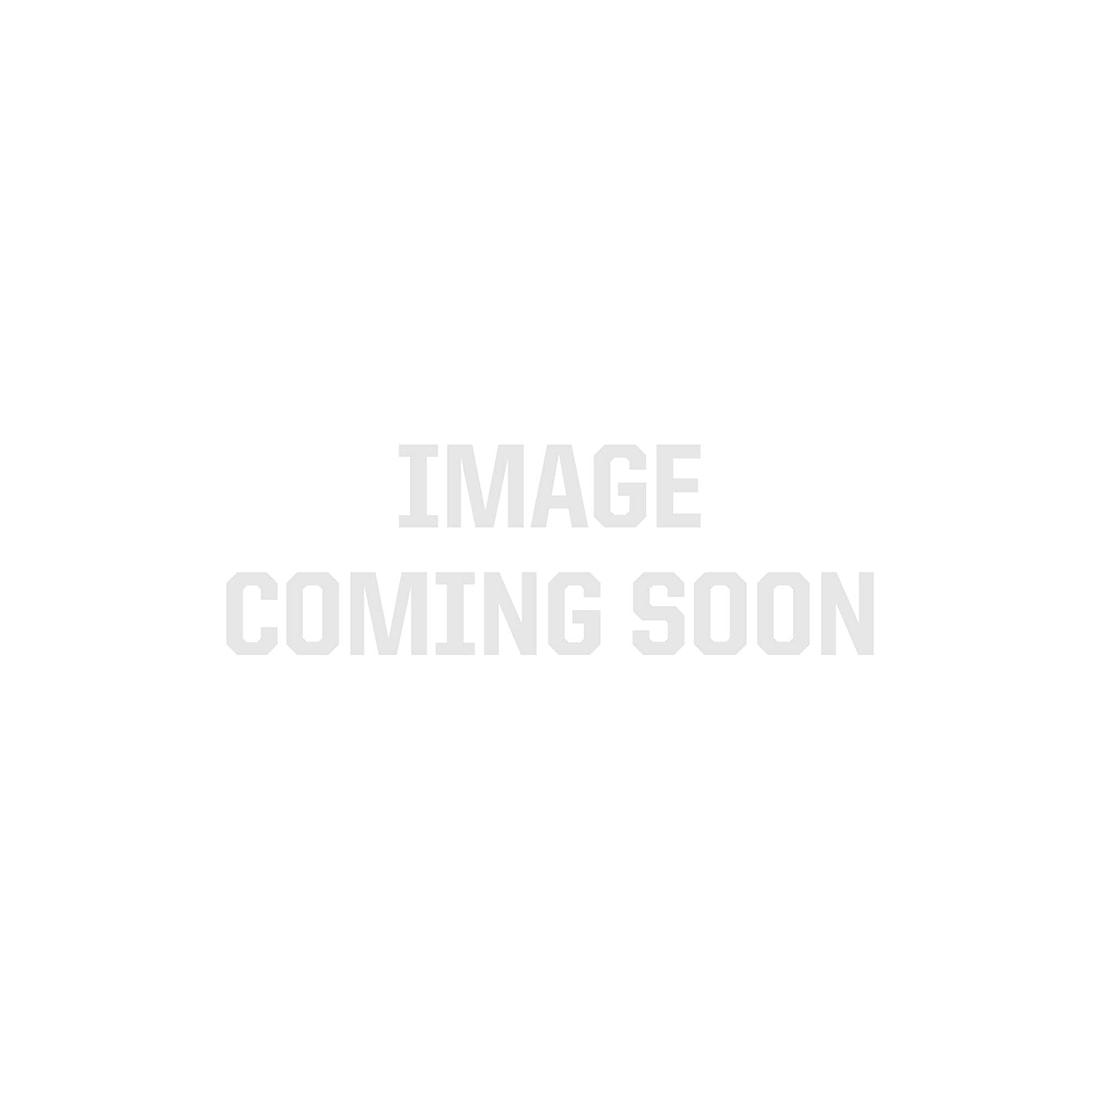 EdgeLight LED Light Bar - 10×45 Degree - 6,500K - 195mm